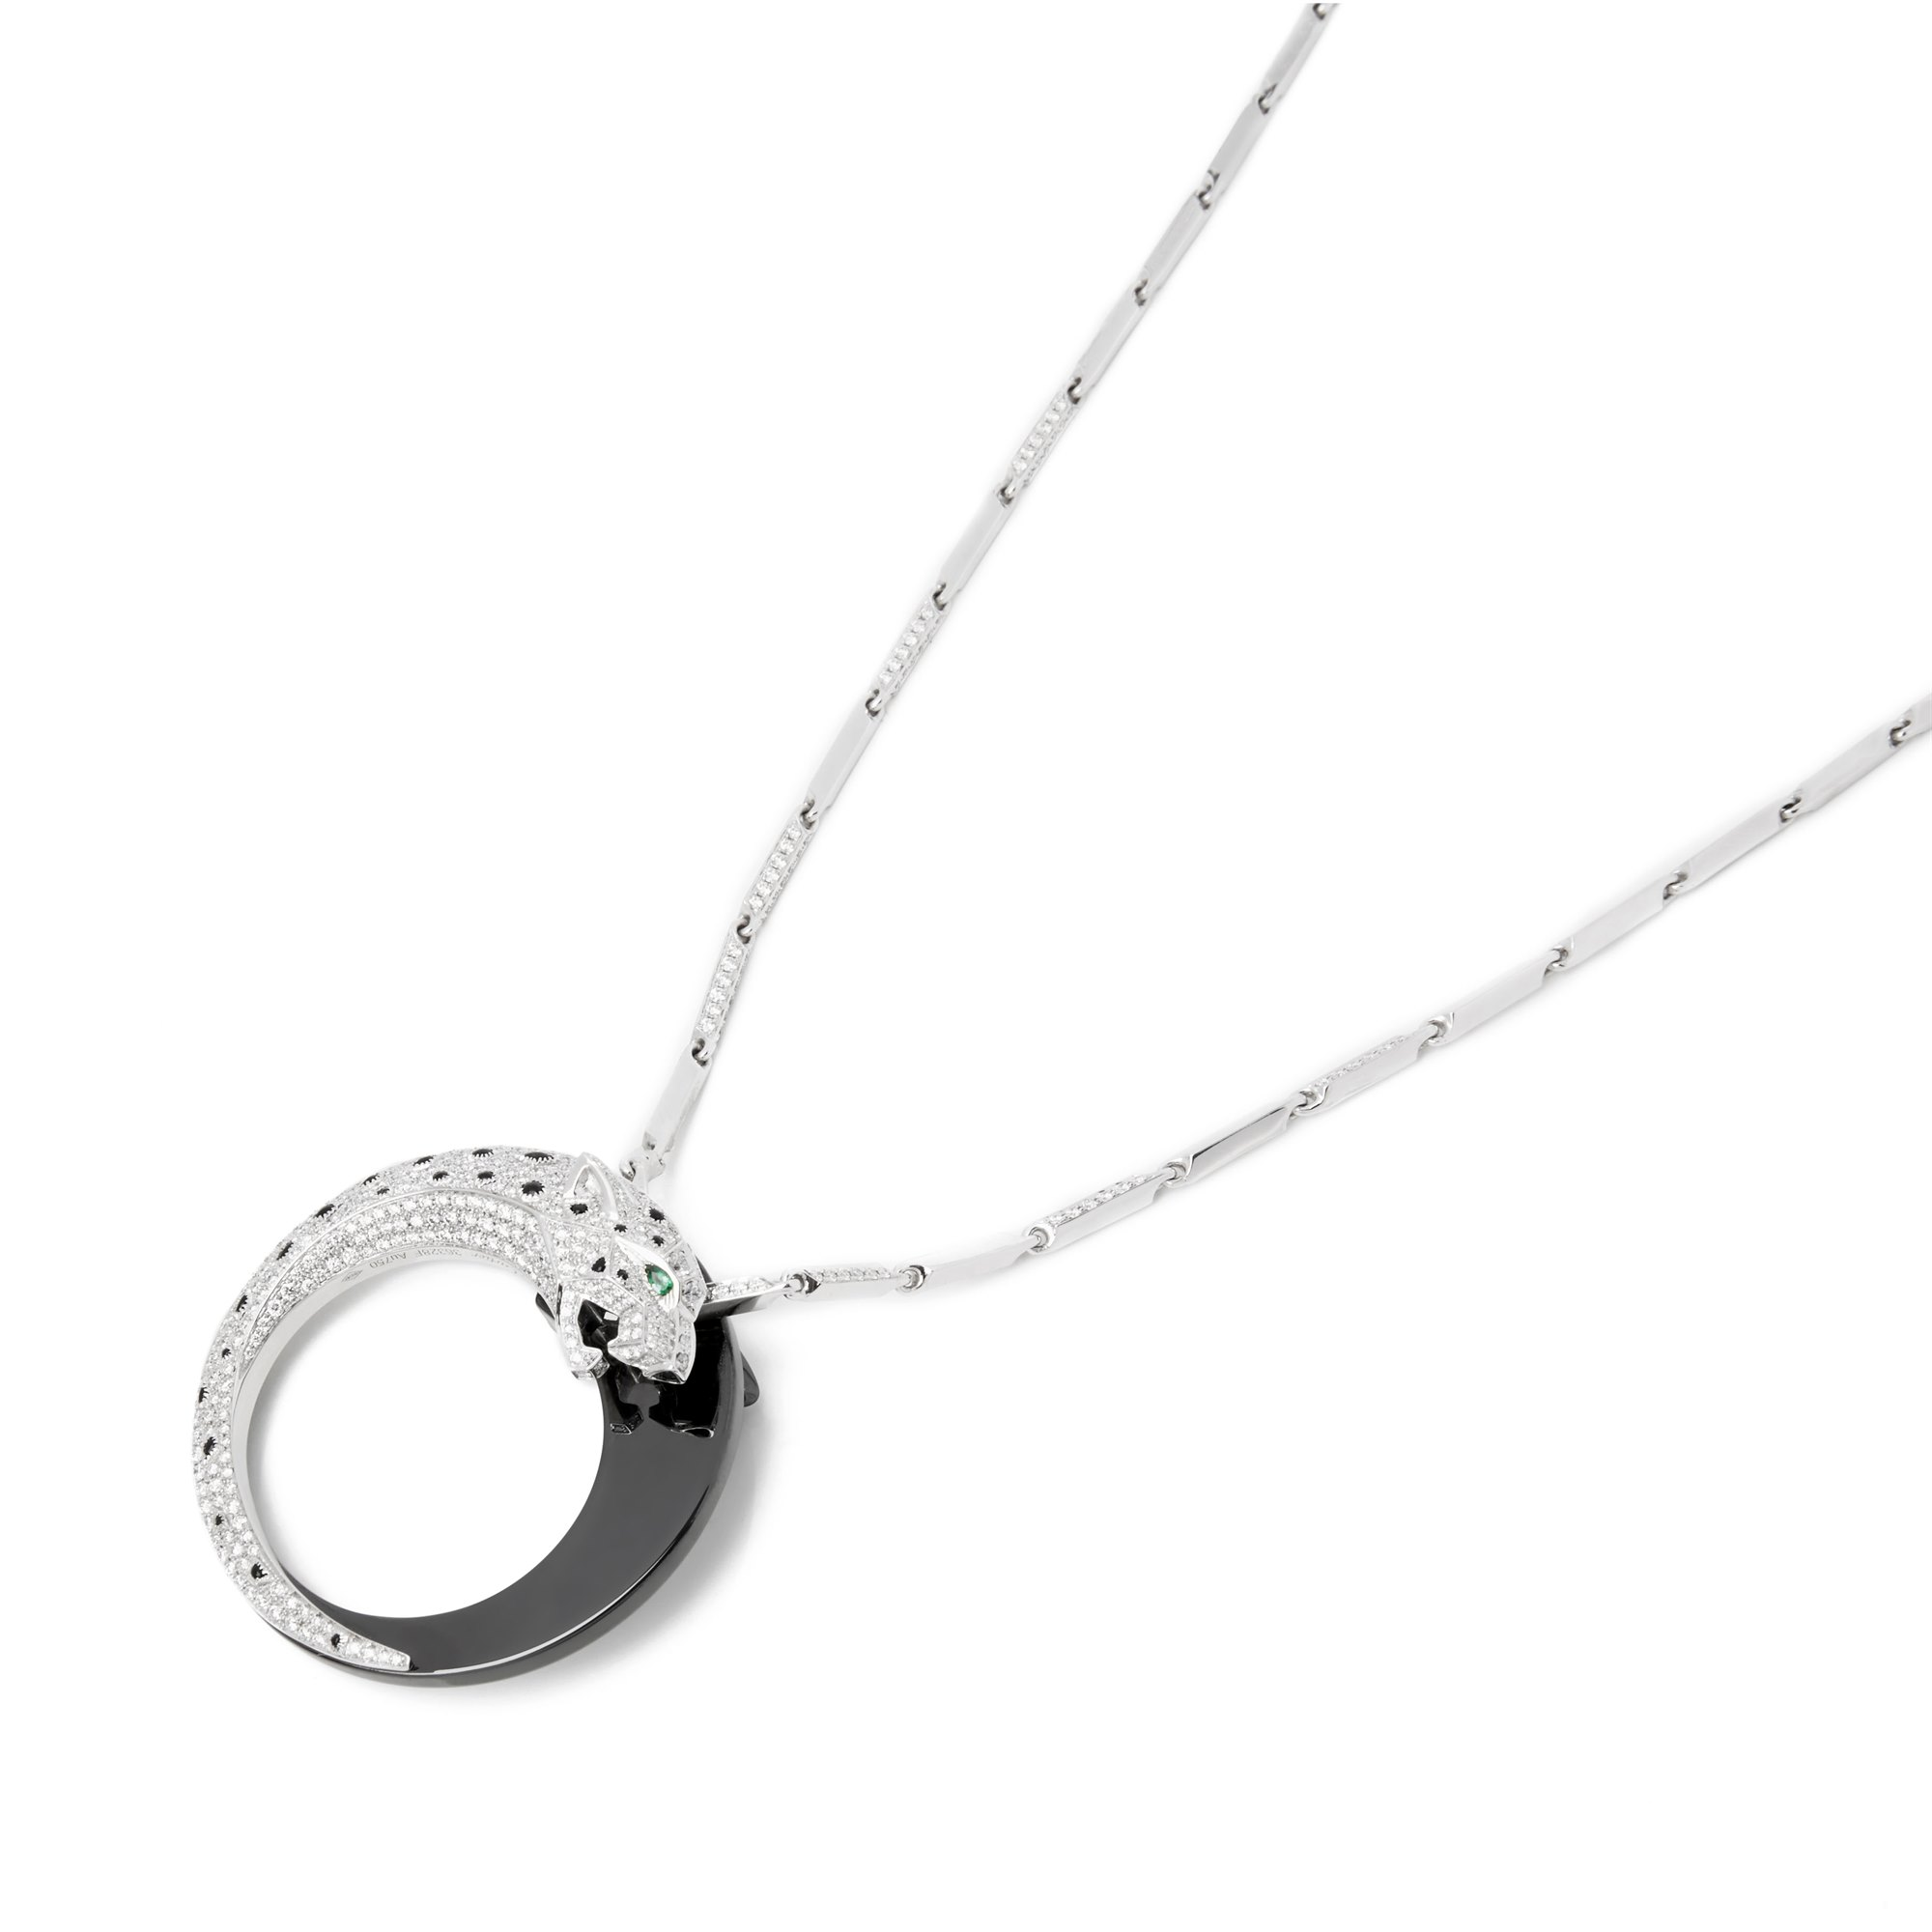 b91b4934a31 18k White Gold Diamond Panthère Pendant Necklace